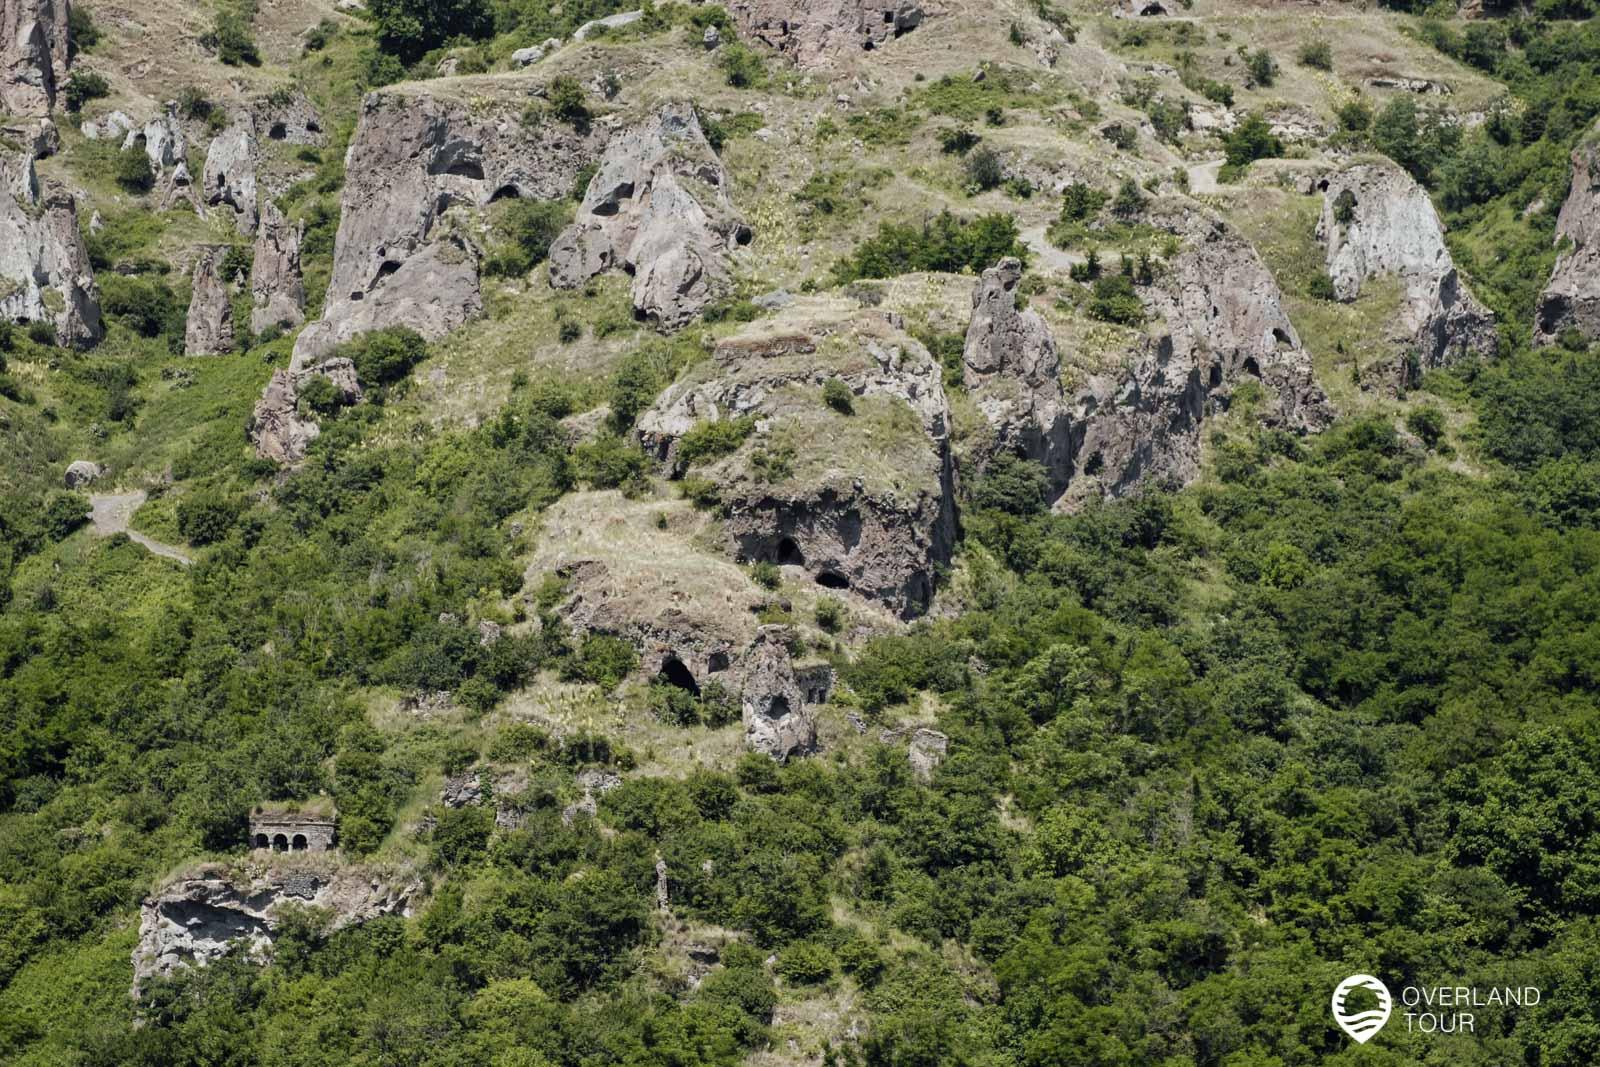 Hier sieht man schön die ersten Höhlen in den Felsen